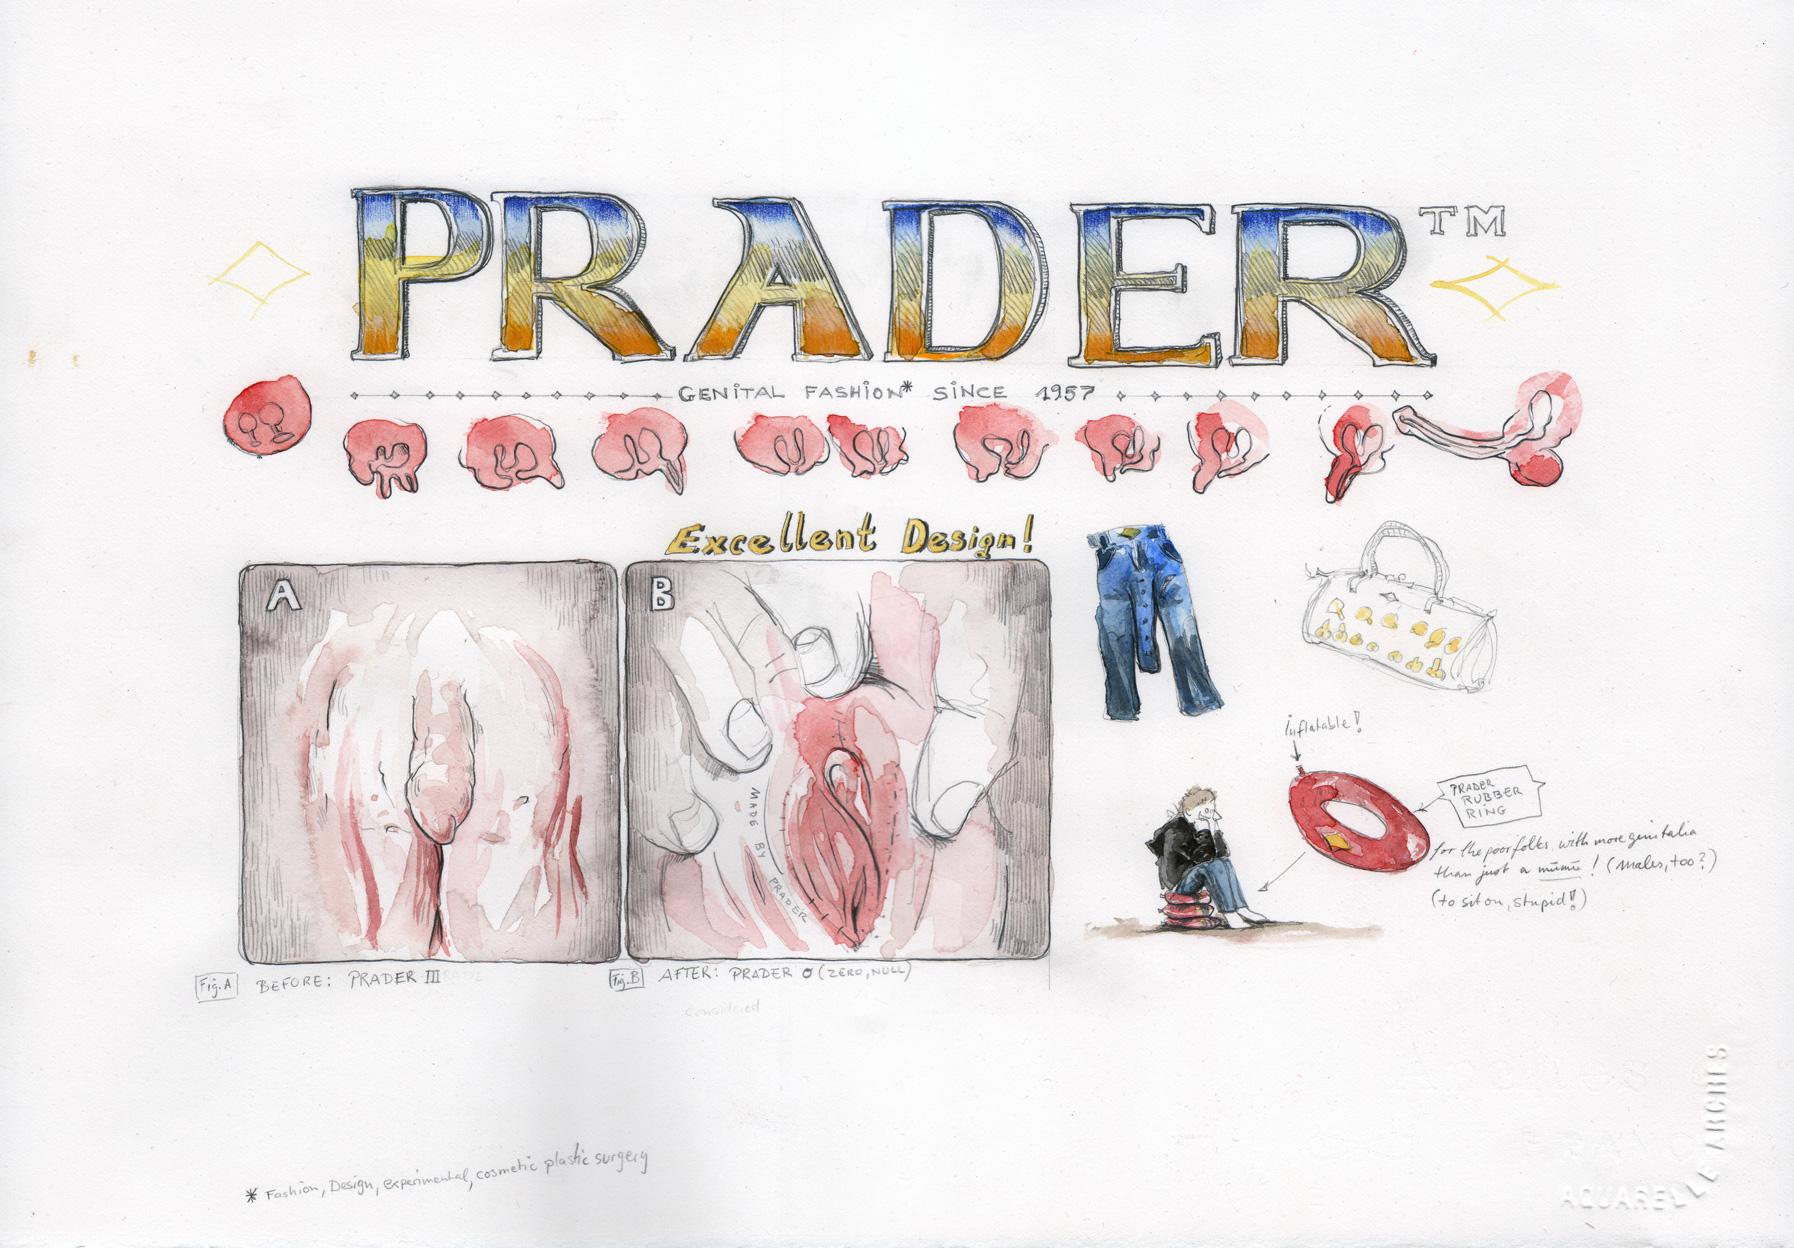 Prader TM (Prader Series)